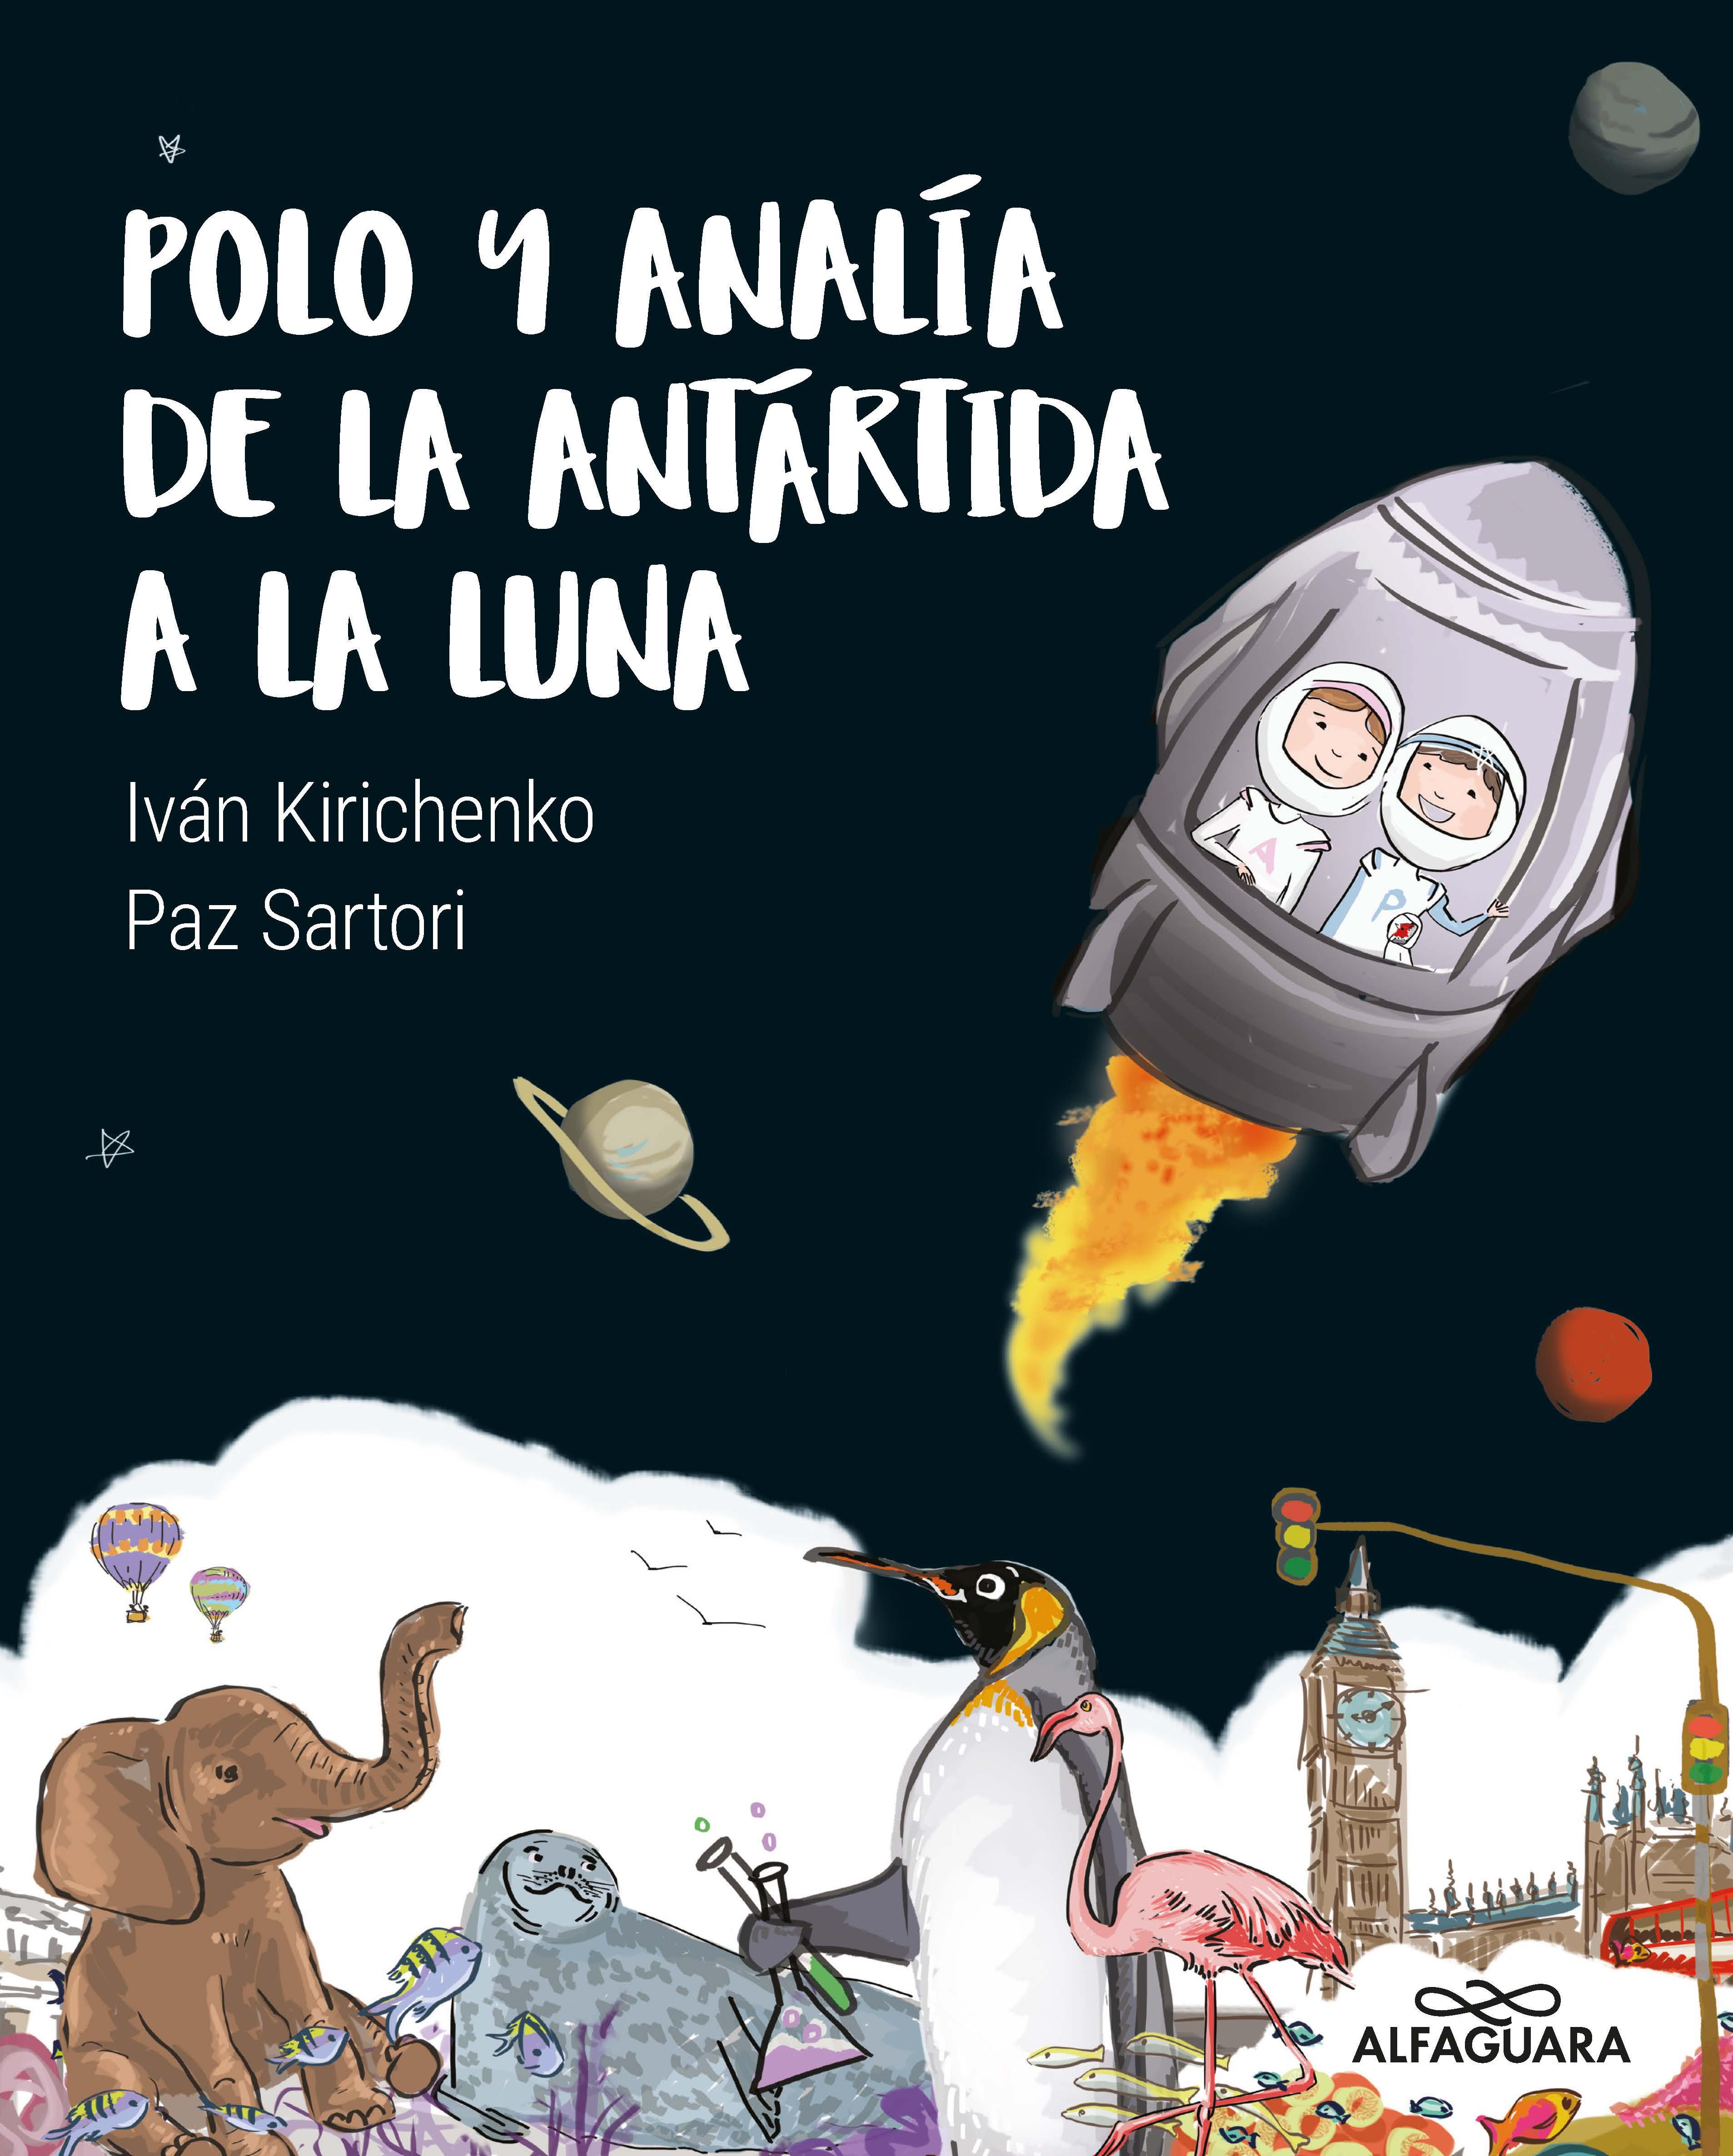 Polo y Analía de la antártida a la luna